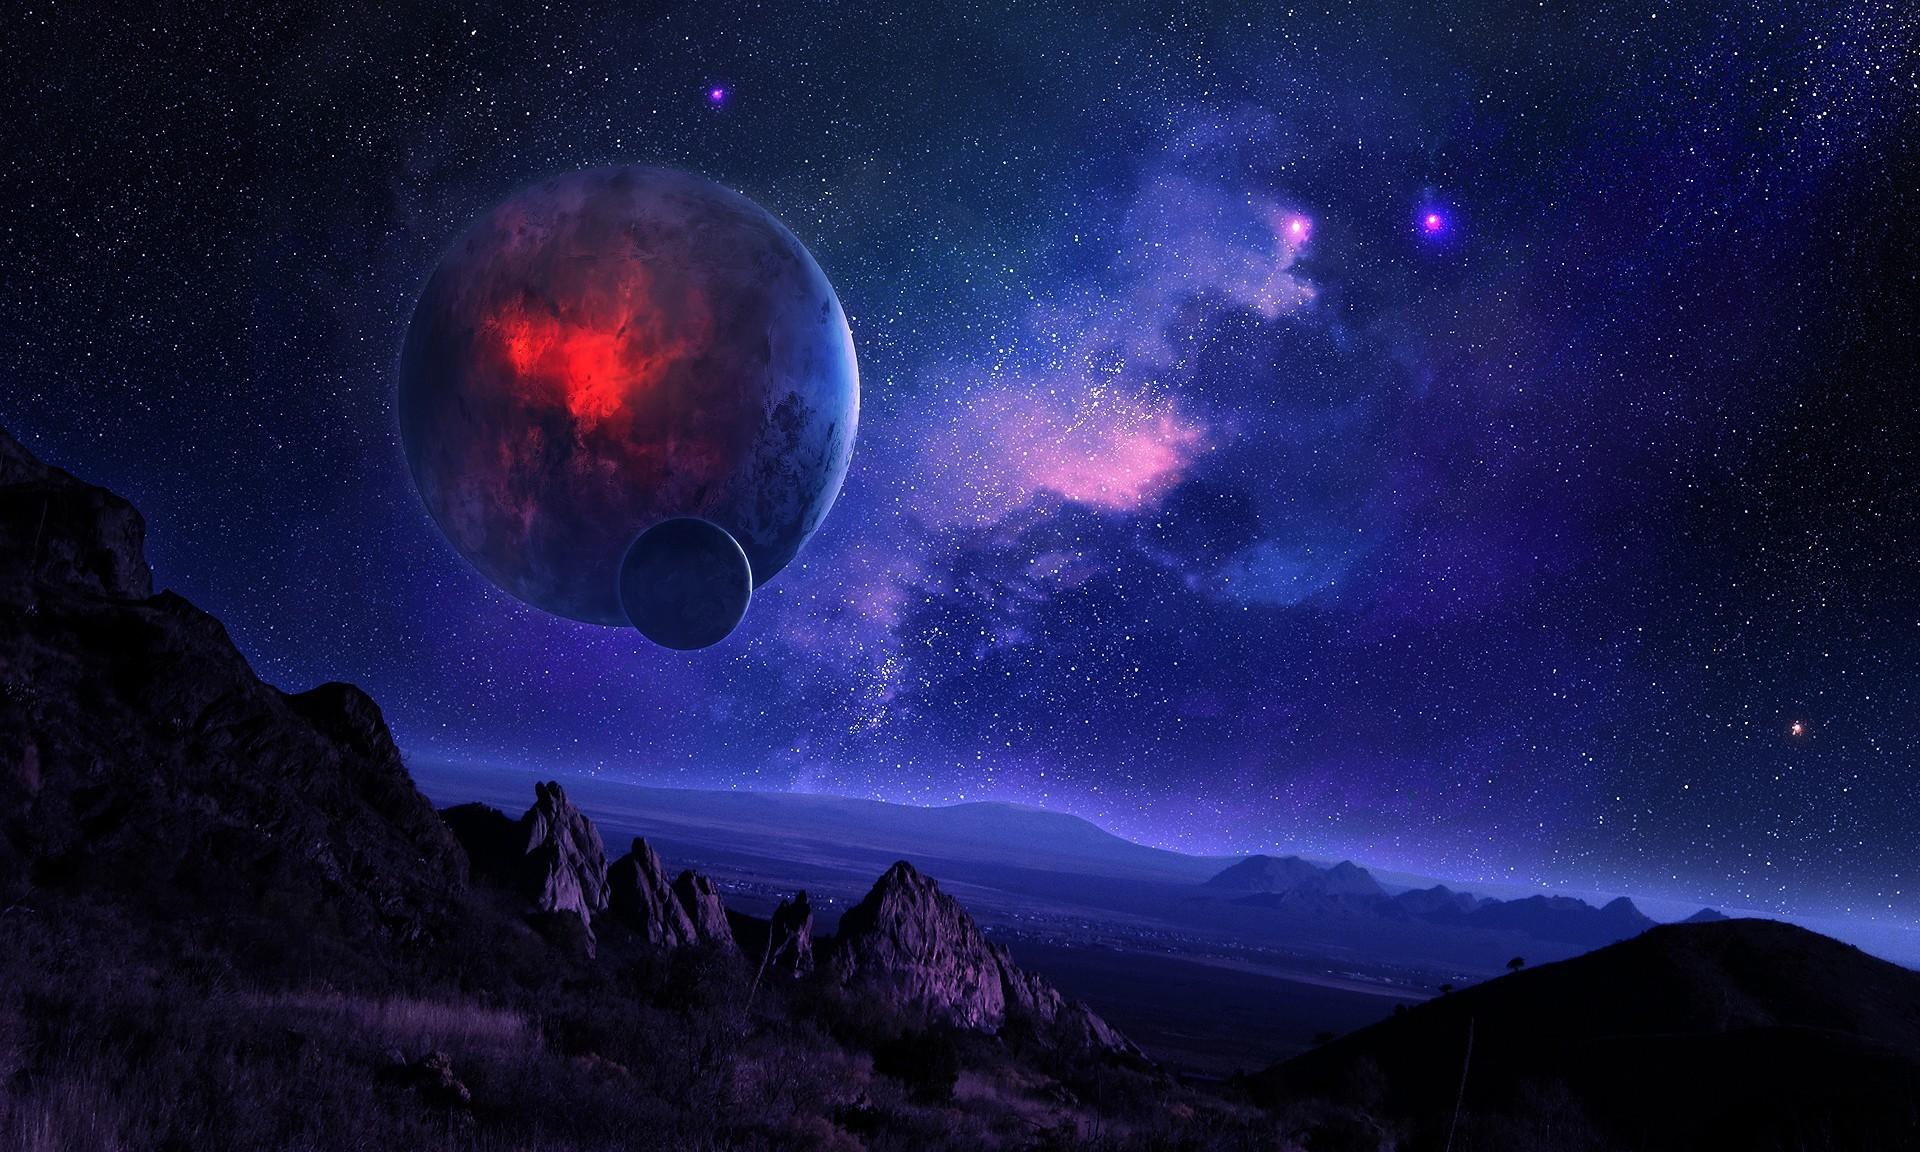 20910 Заставки и Обои Космос на телефон. Скачать Космос, Пейзаж, Планеты, Звезды картинки бесплатно